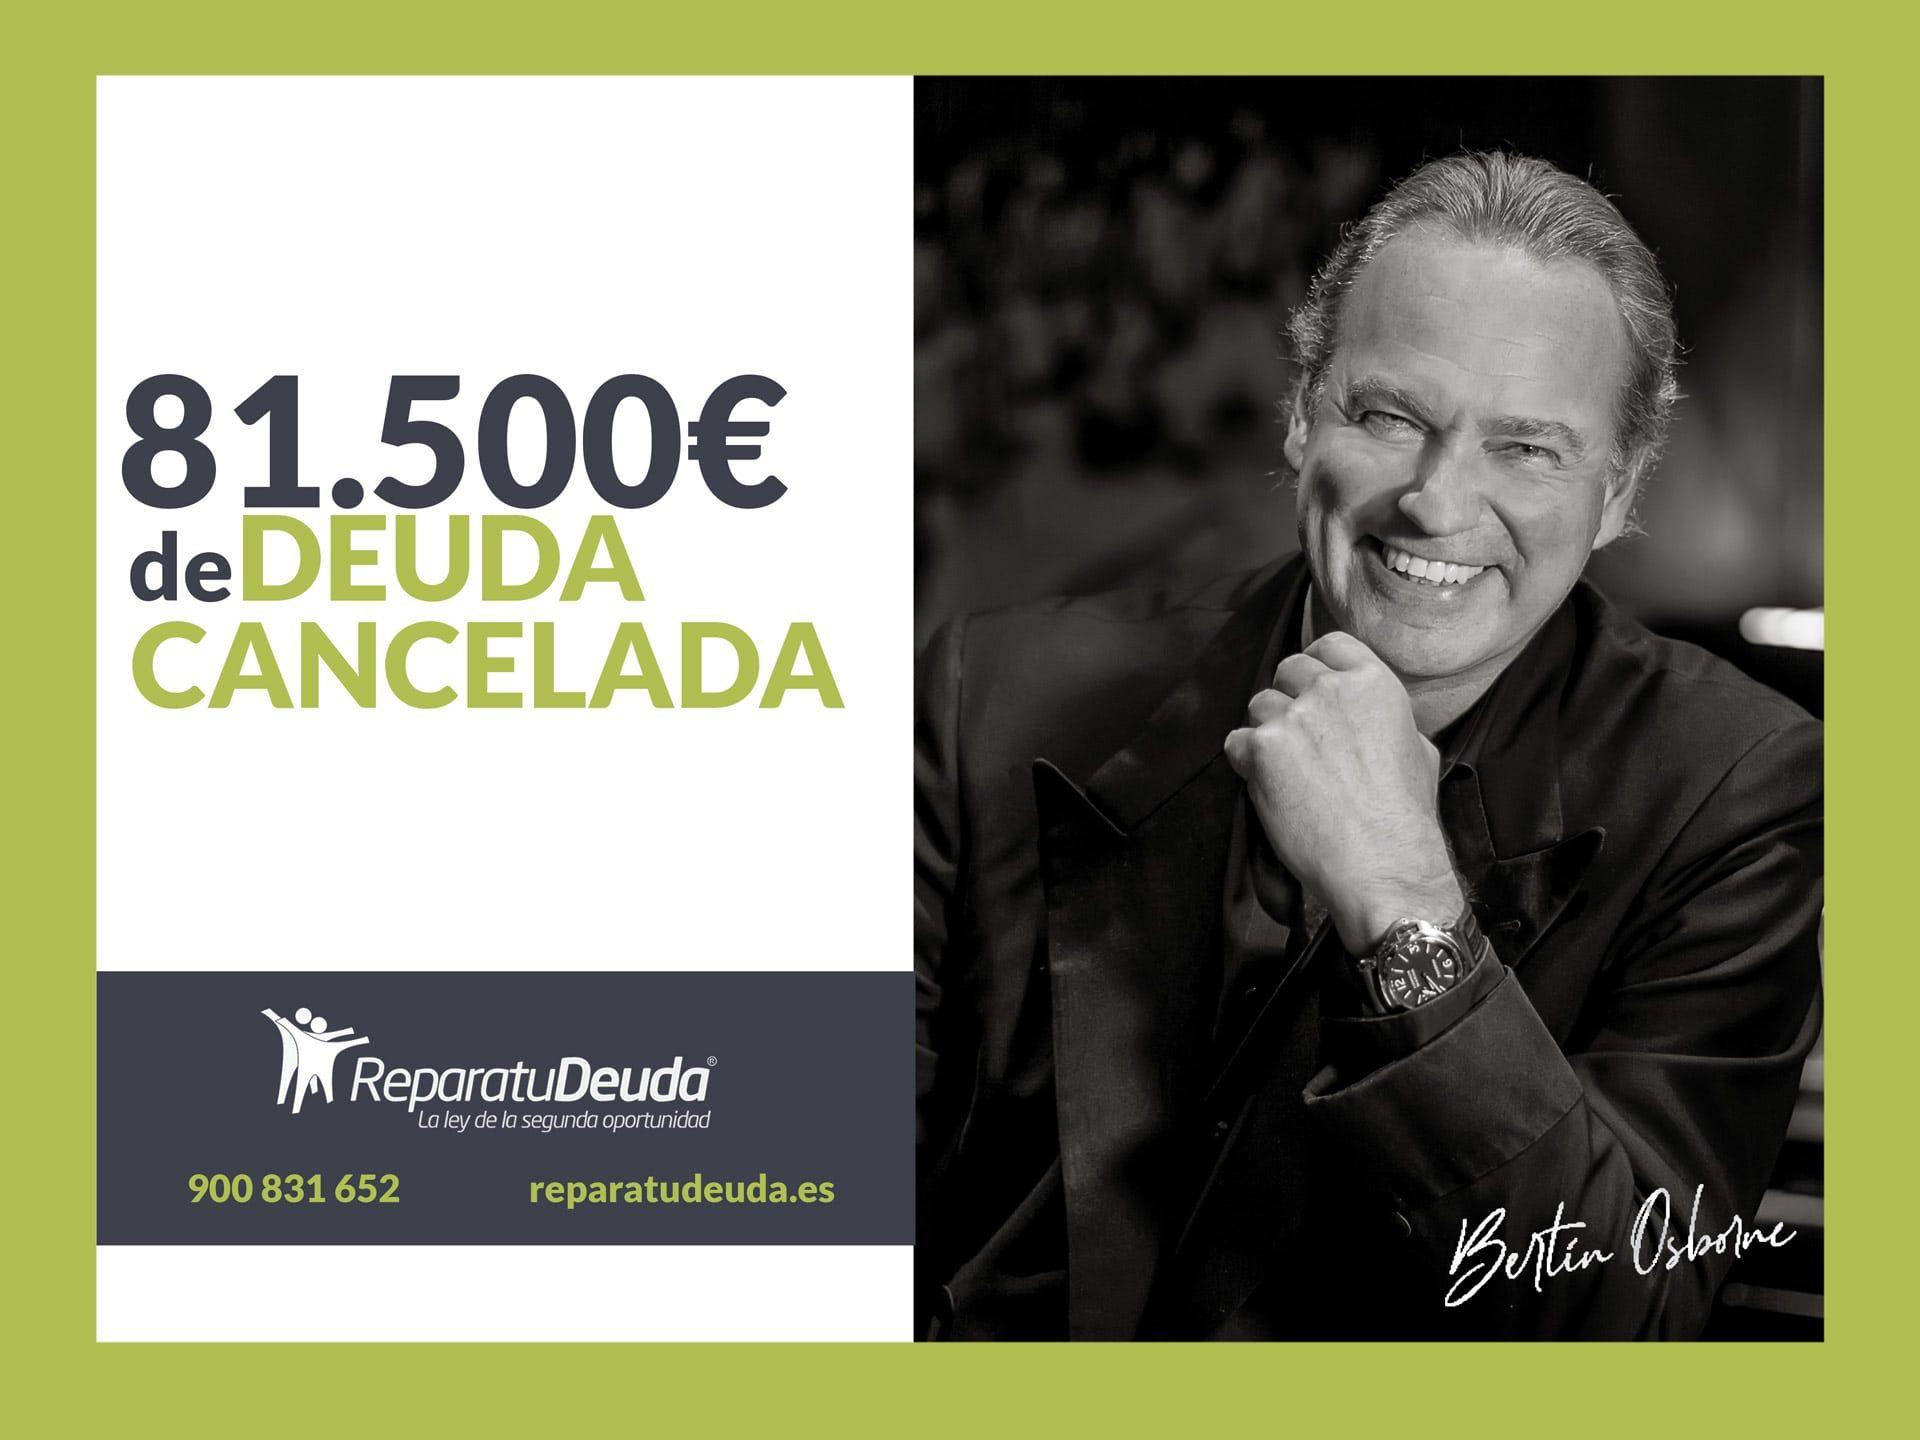 Repara tu Deuda Abogados cancela 81.500 € en Zaragoza (Aragón) con la Ley de Segunda Oportunidad